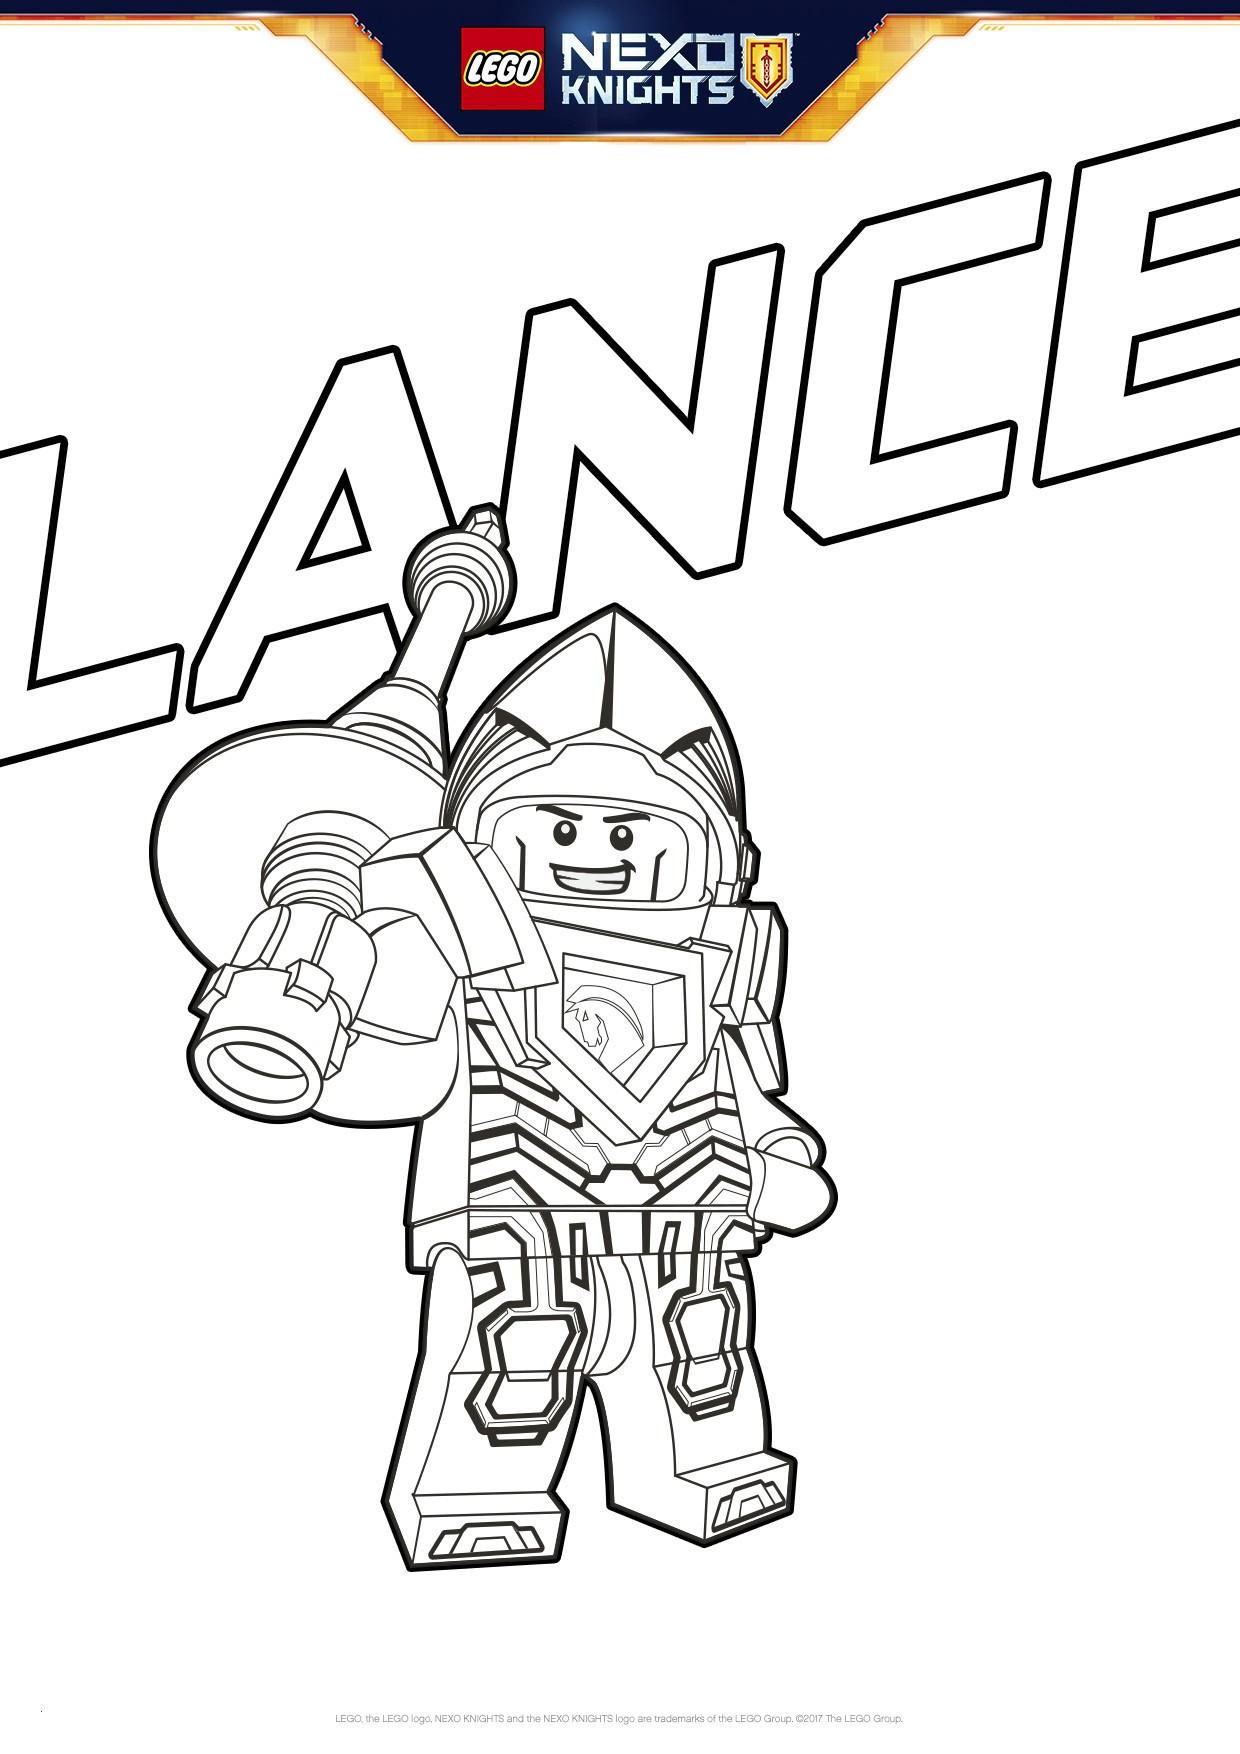 Die Kleine Raupe Nimmersatt Ausmalbild Das Beste Von Nexo Knight Coloring Pages Unique Neues Ausmalbilder Kostenlos Lego Galerie